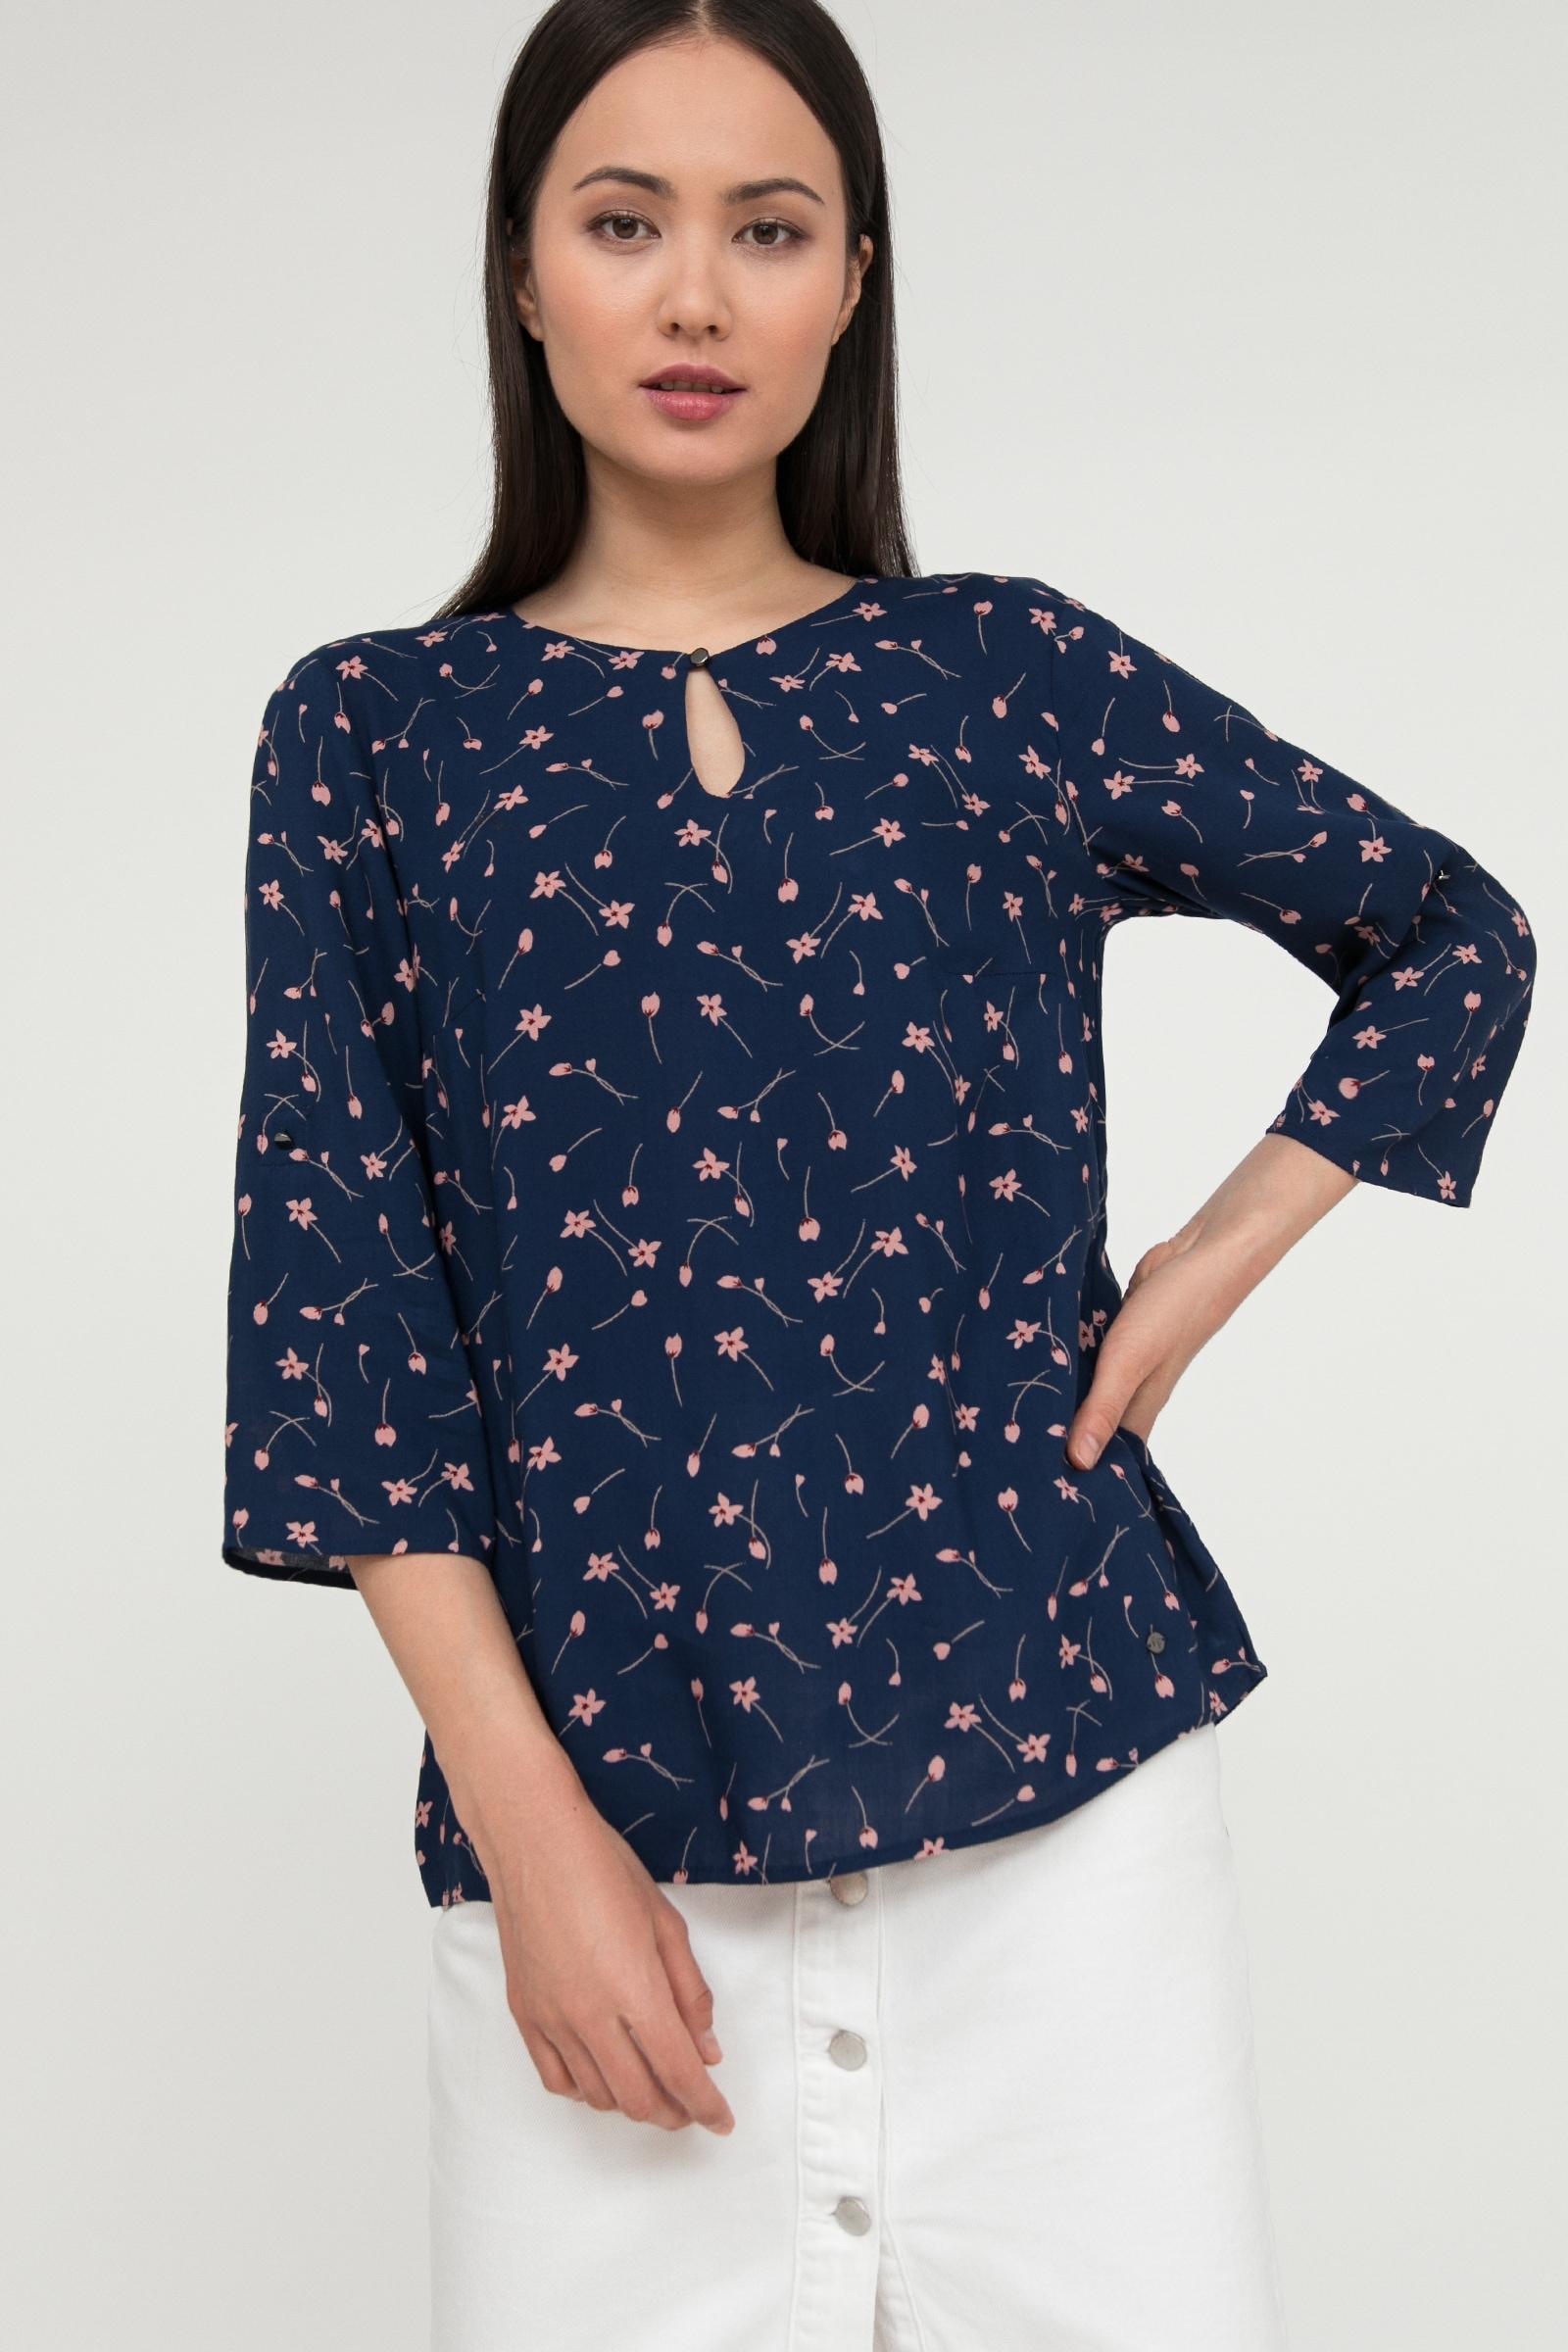 finn flare klassische bluse Lässige Freizeitbluse von Finn Flare für Damen AKLBB1174371716